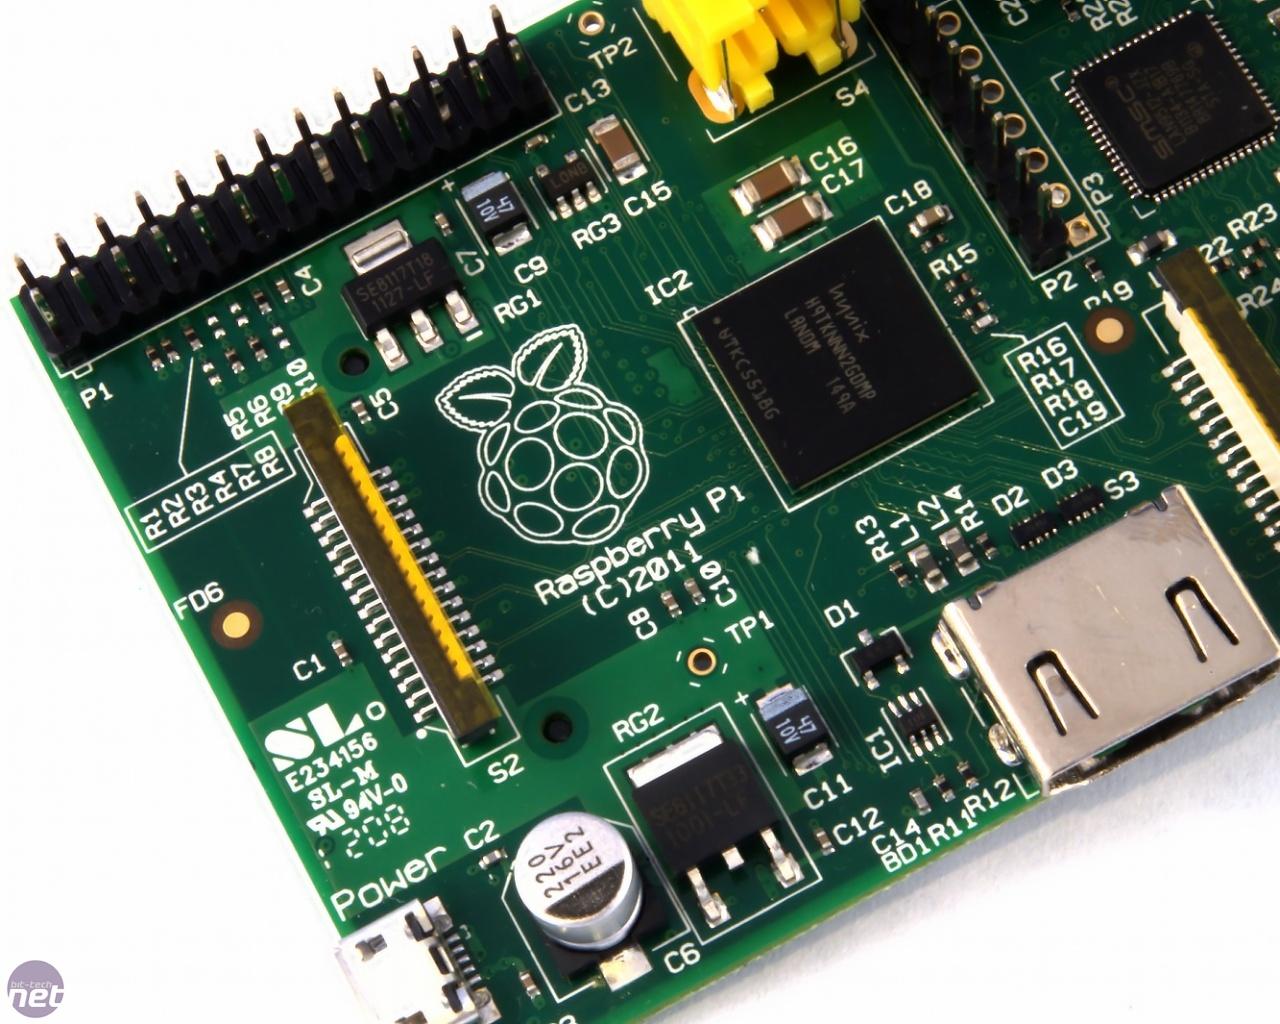 Raspberry Pi review | bit-tech net